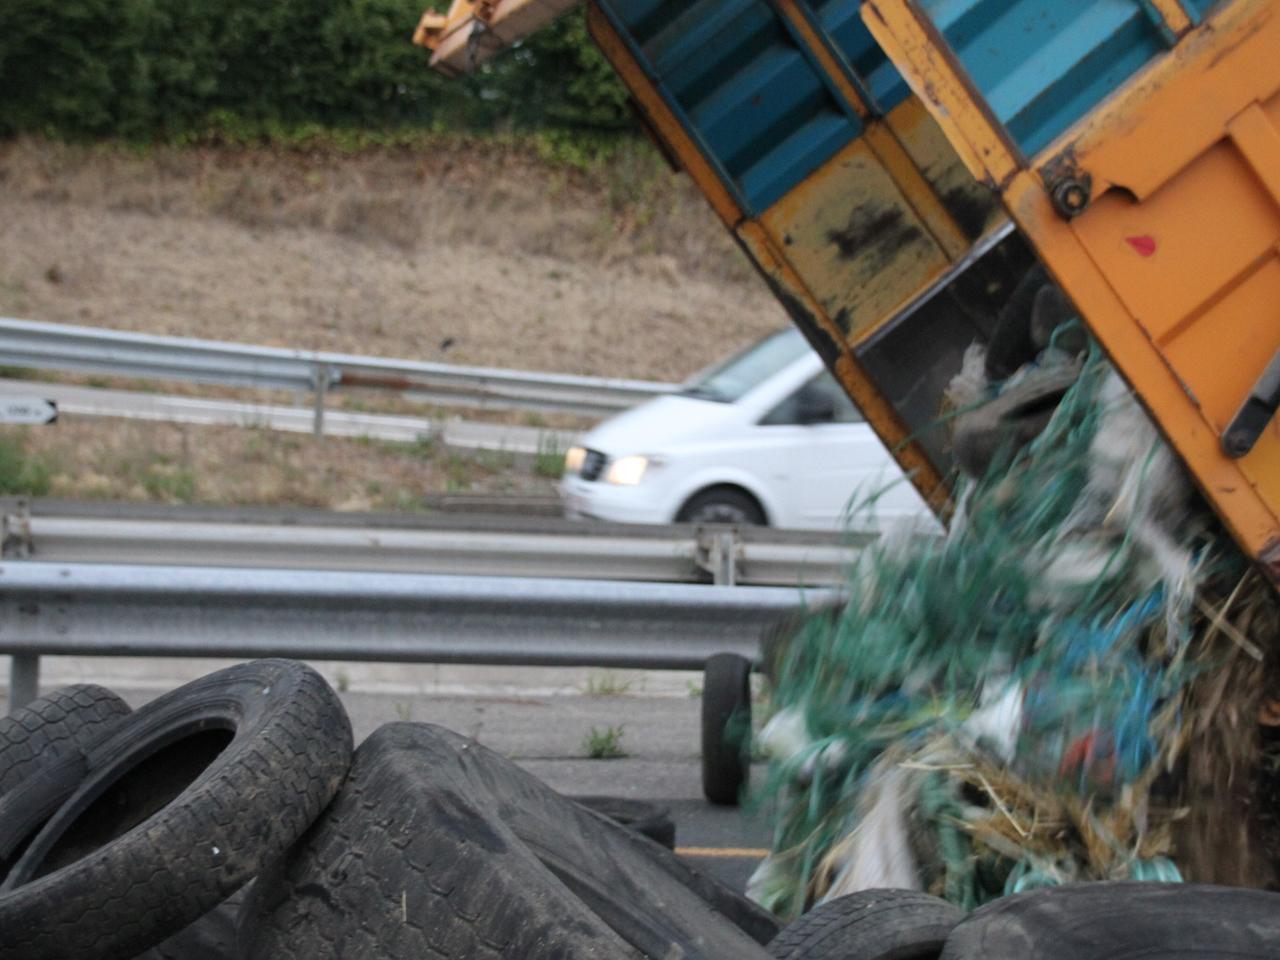 Des pneus ont été déversés sur la route - LyonMag